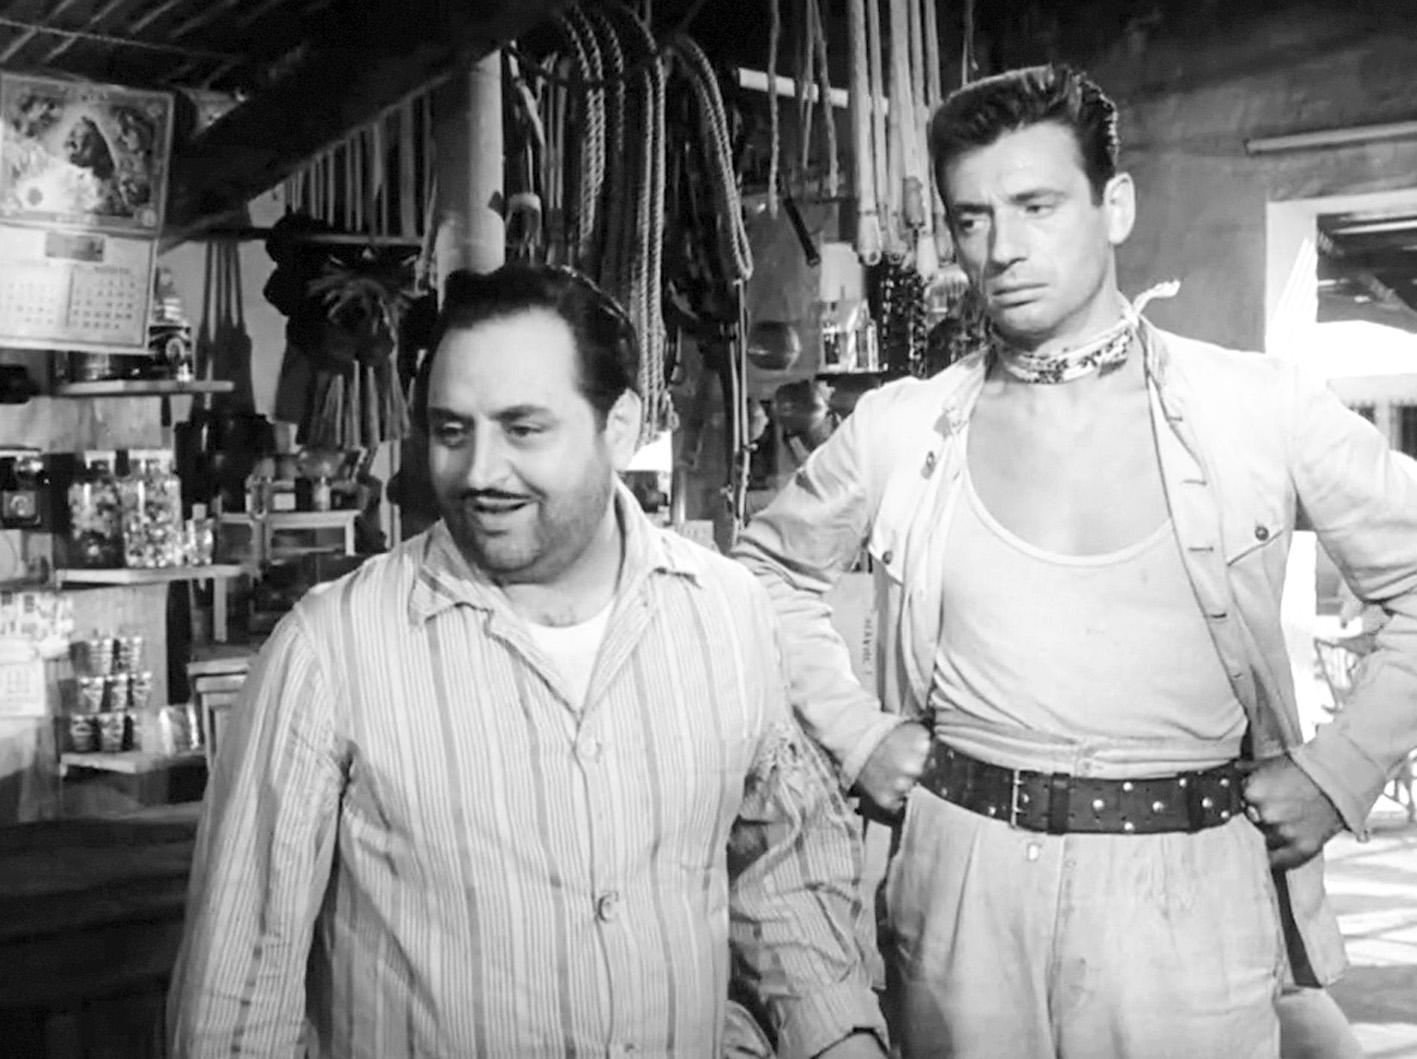 Ünlülerle 84: Dario Moreno ve Yves Montand, Le Salaire de la Peur (Korkunun Bedeli) filminin bir sahnesinde.